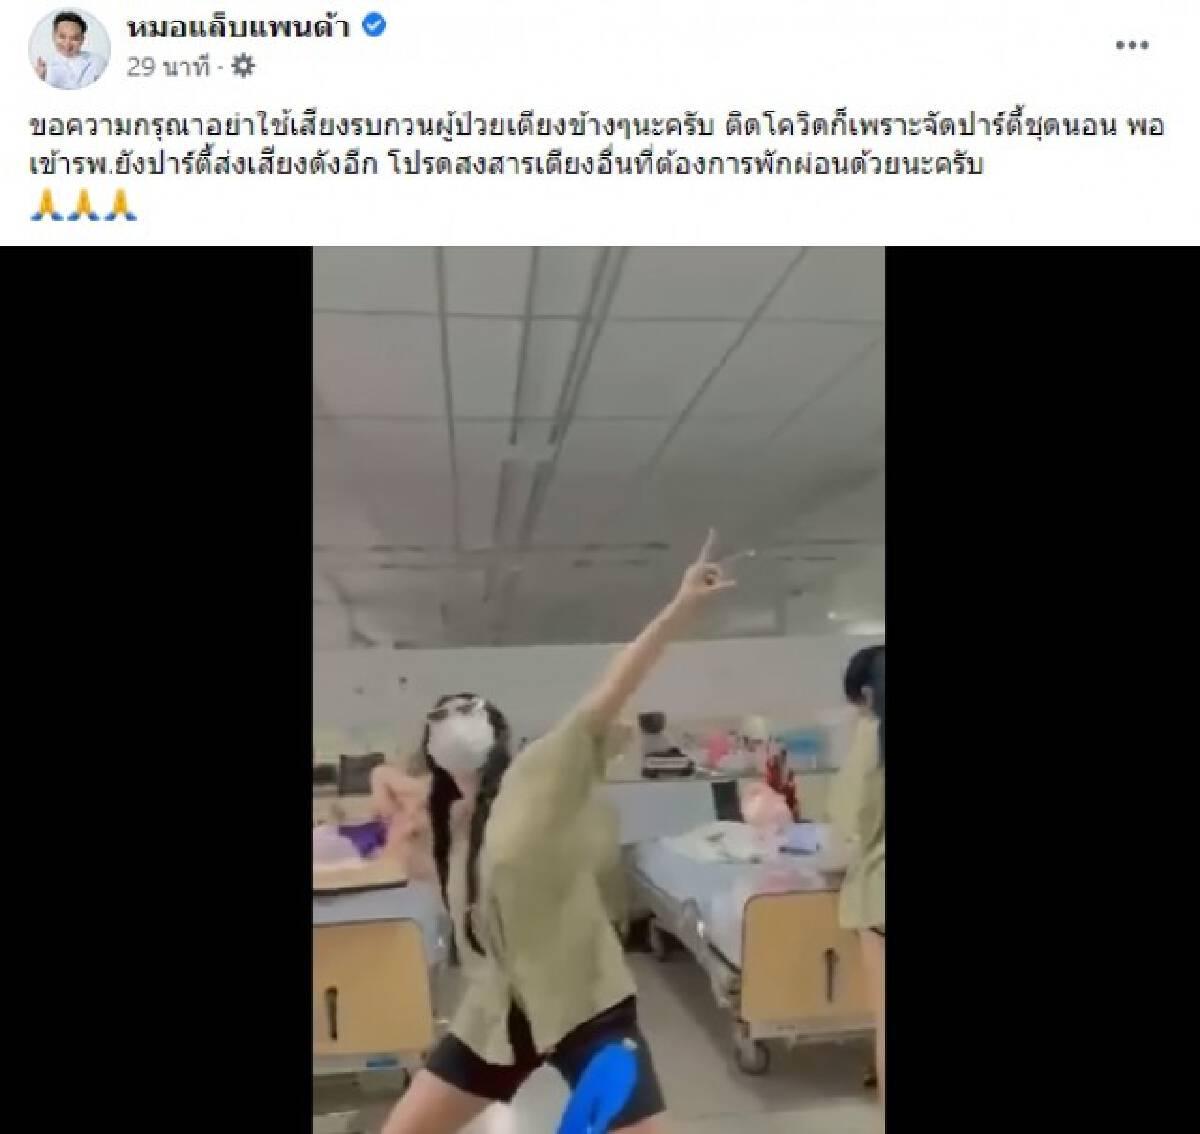 อย่าหาทำ 2 สาวป่วยโควิด เปิดเพลงเต้นในโรงพยาบาล ไม่สำนึกติดเชื้อเพราะปาร์ตี้ชุดนอน